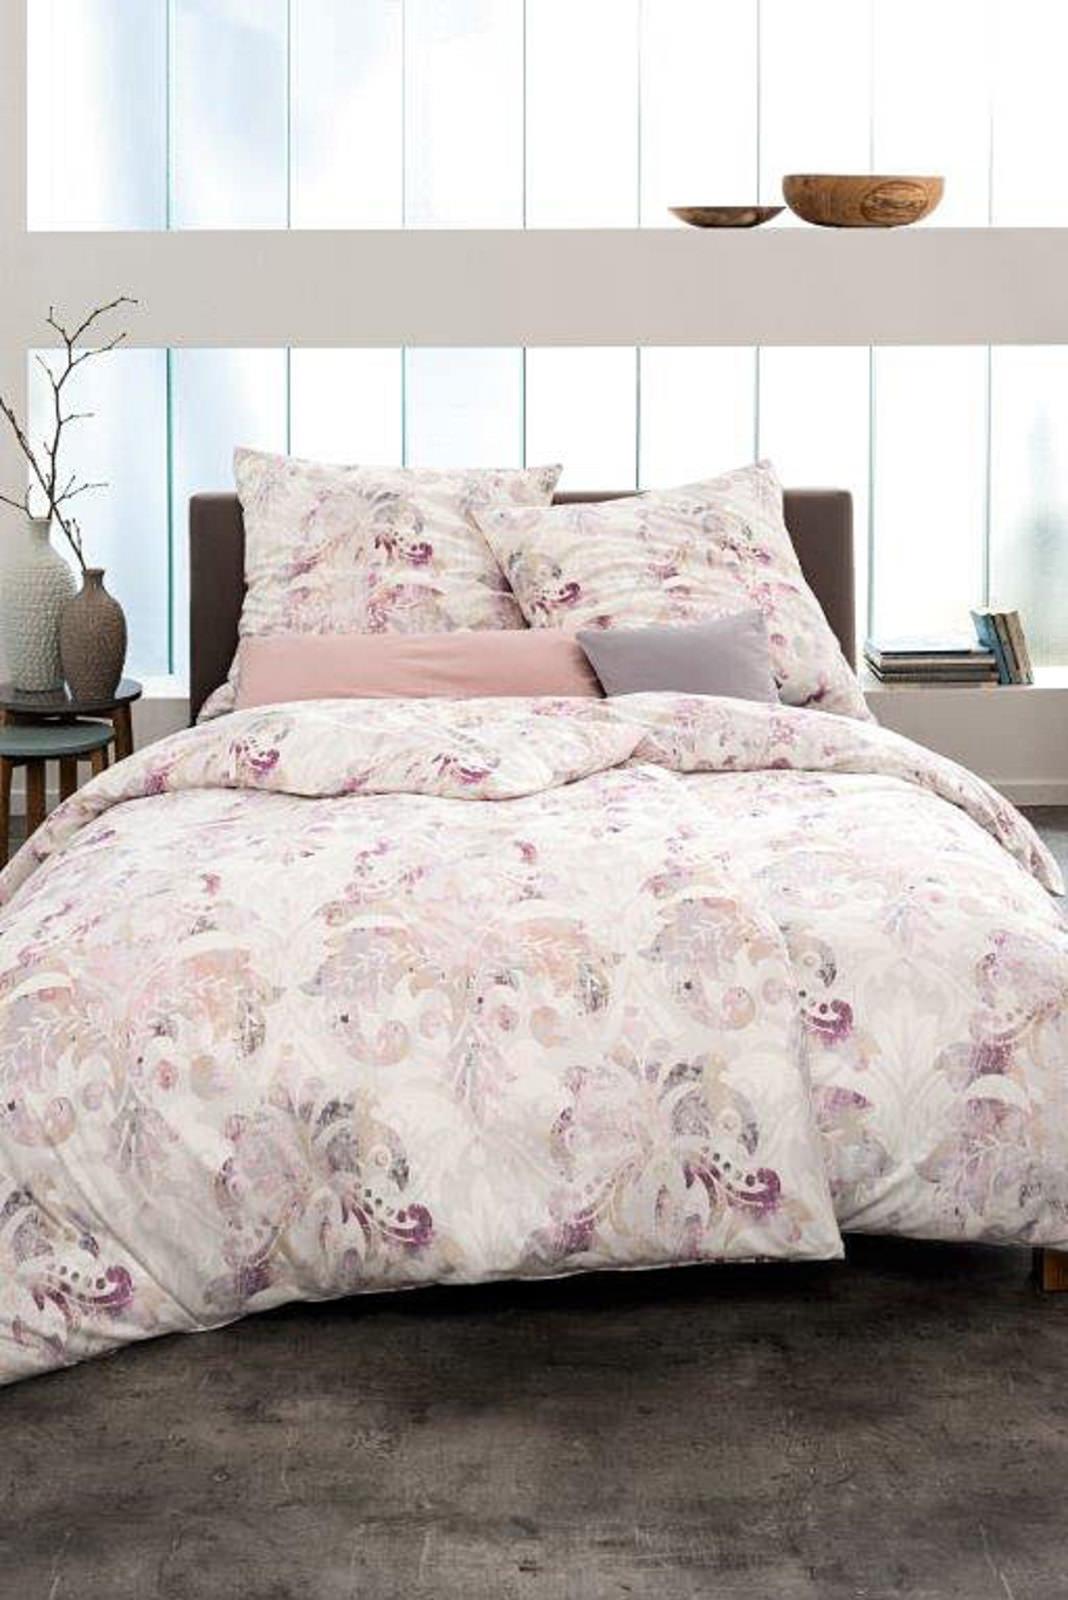 Estella Interlock Jersey Bettwäsche Pink Online Entdecken